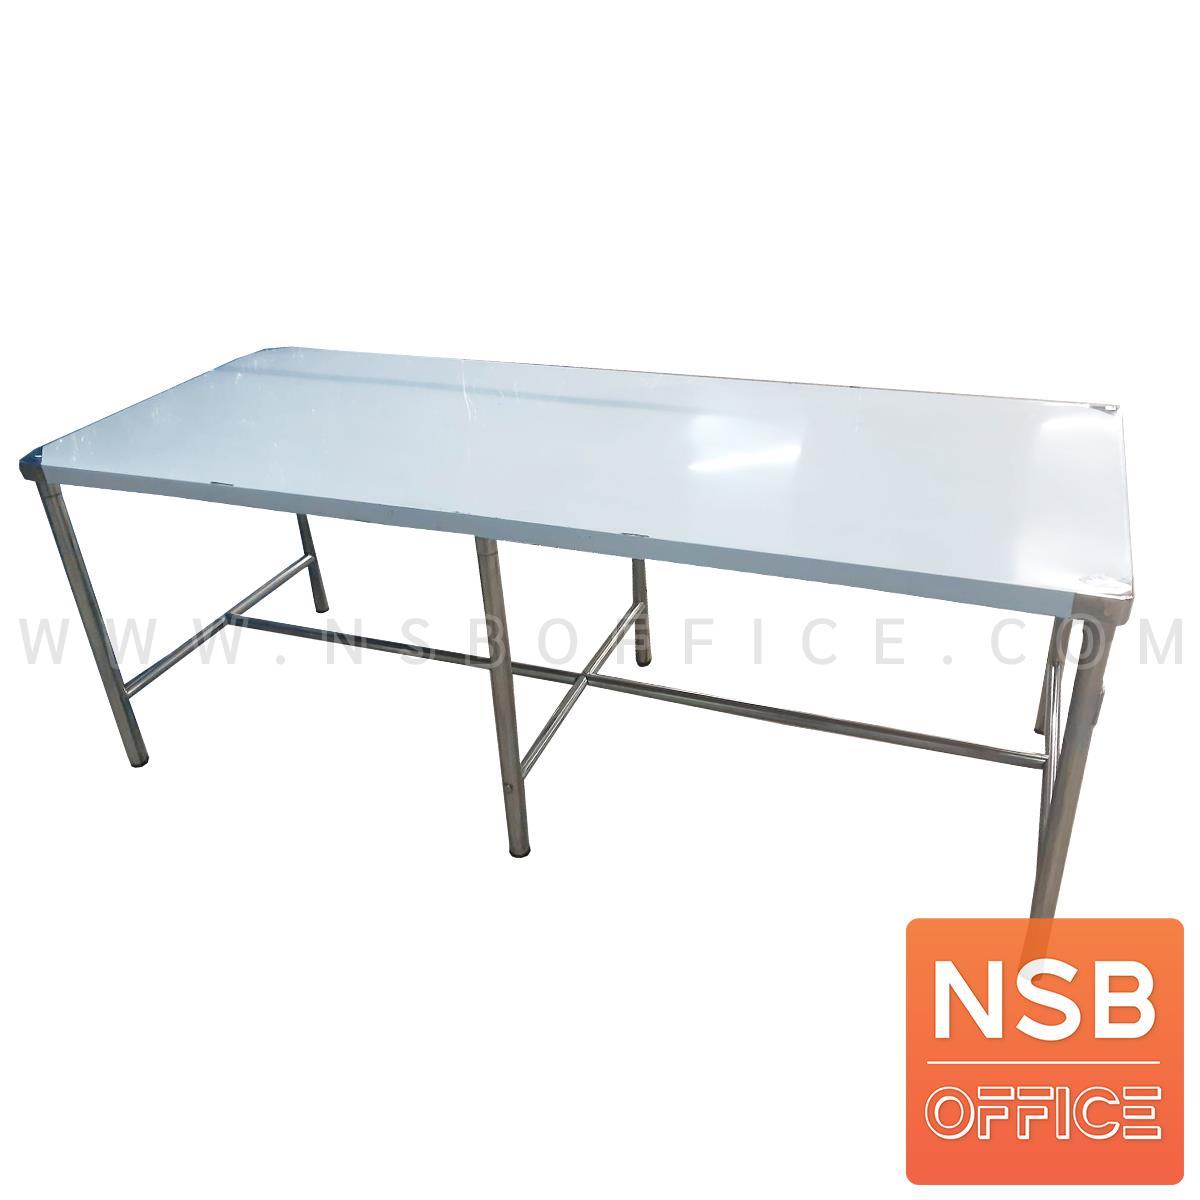 G12A286:โต๊ะสเตนเลส รุ่น Decay (ดีเคย์) ขนาด 200W*80D cm.